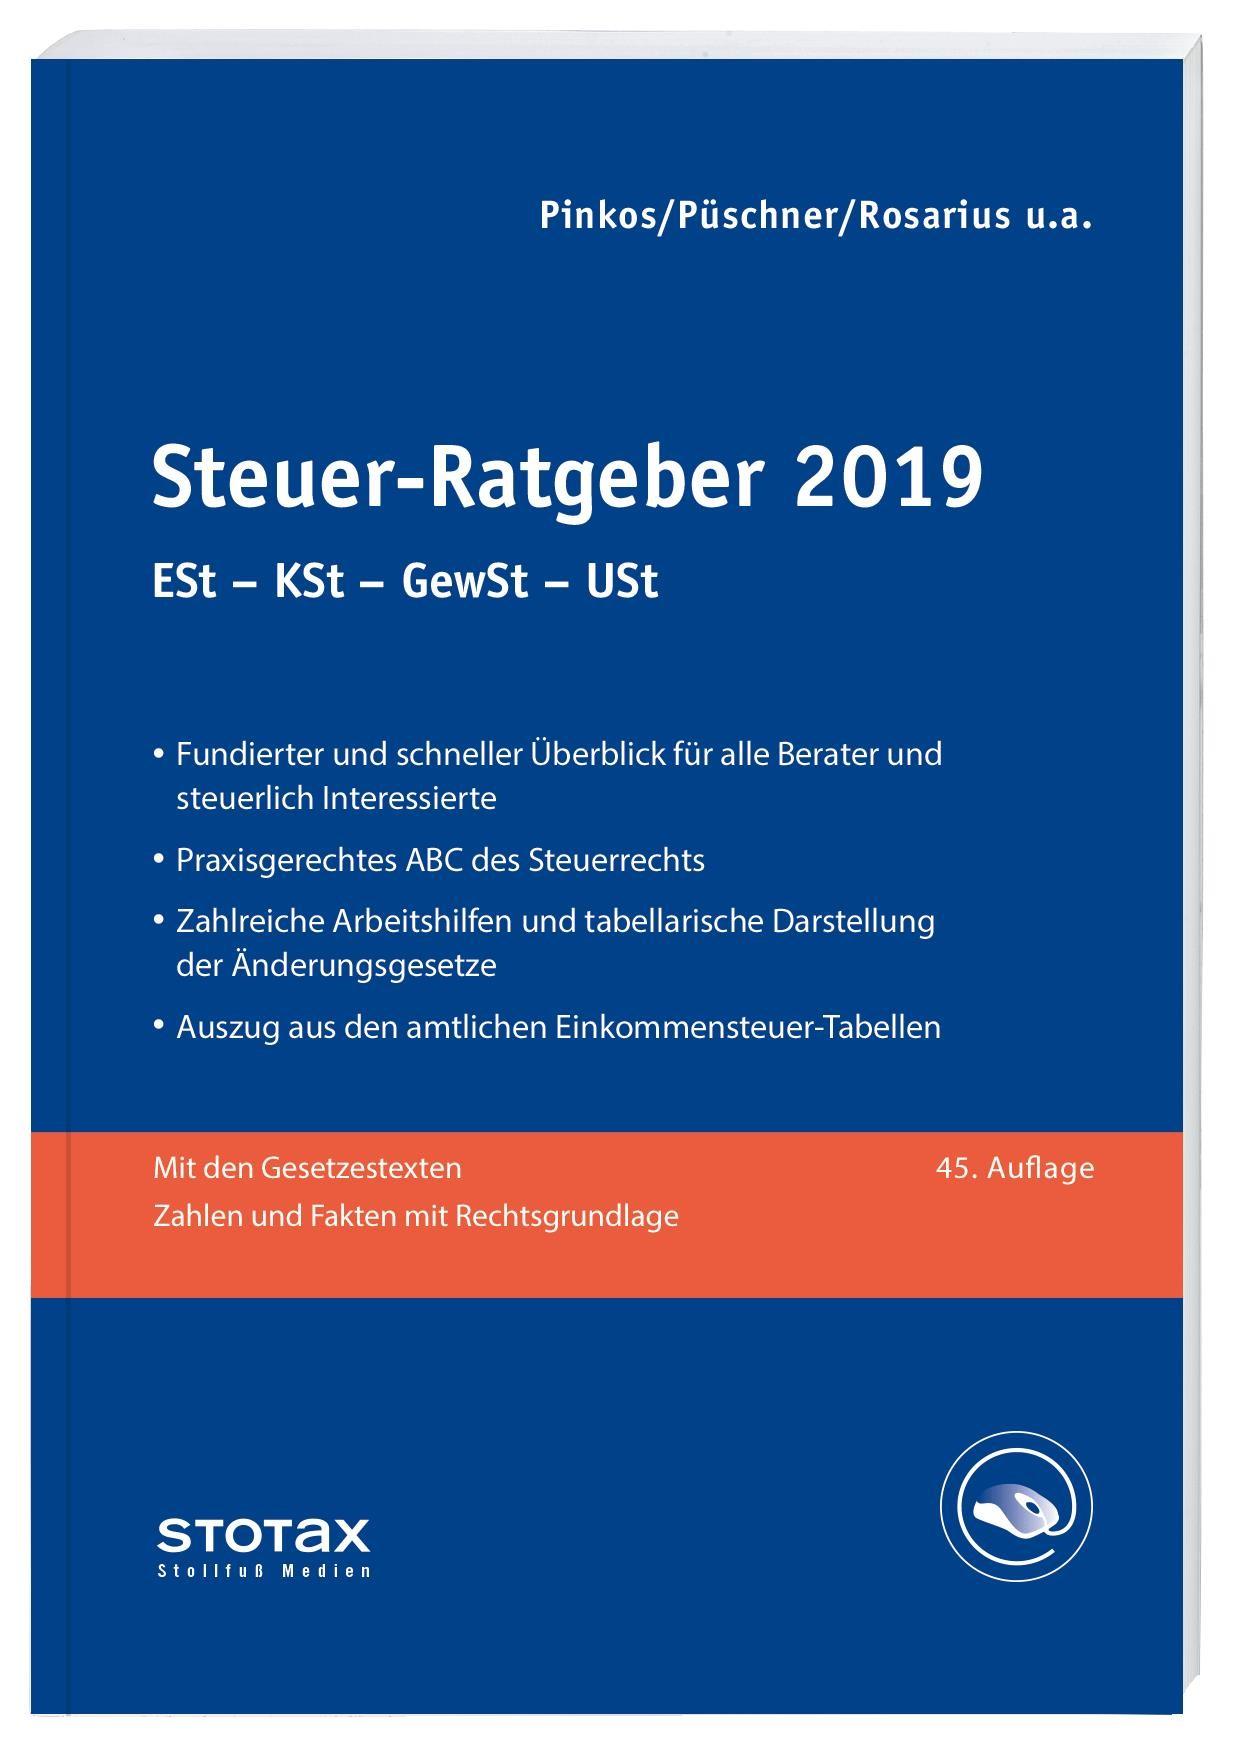 Abbildung von Boeddinghaus / Niermann / Pinkos u.a.   Steuer-Ratgeber 2018 • Online